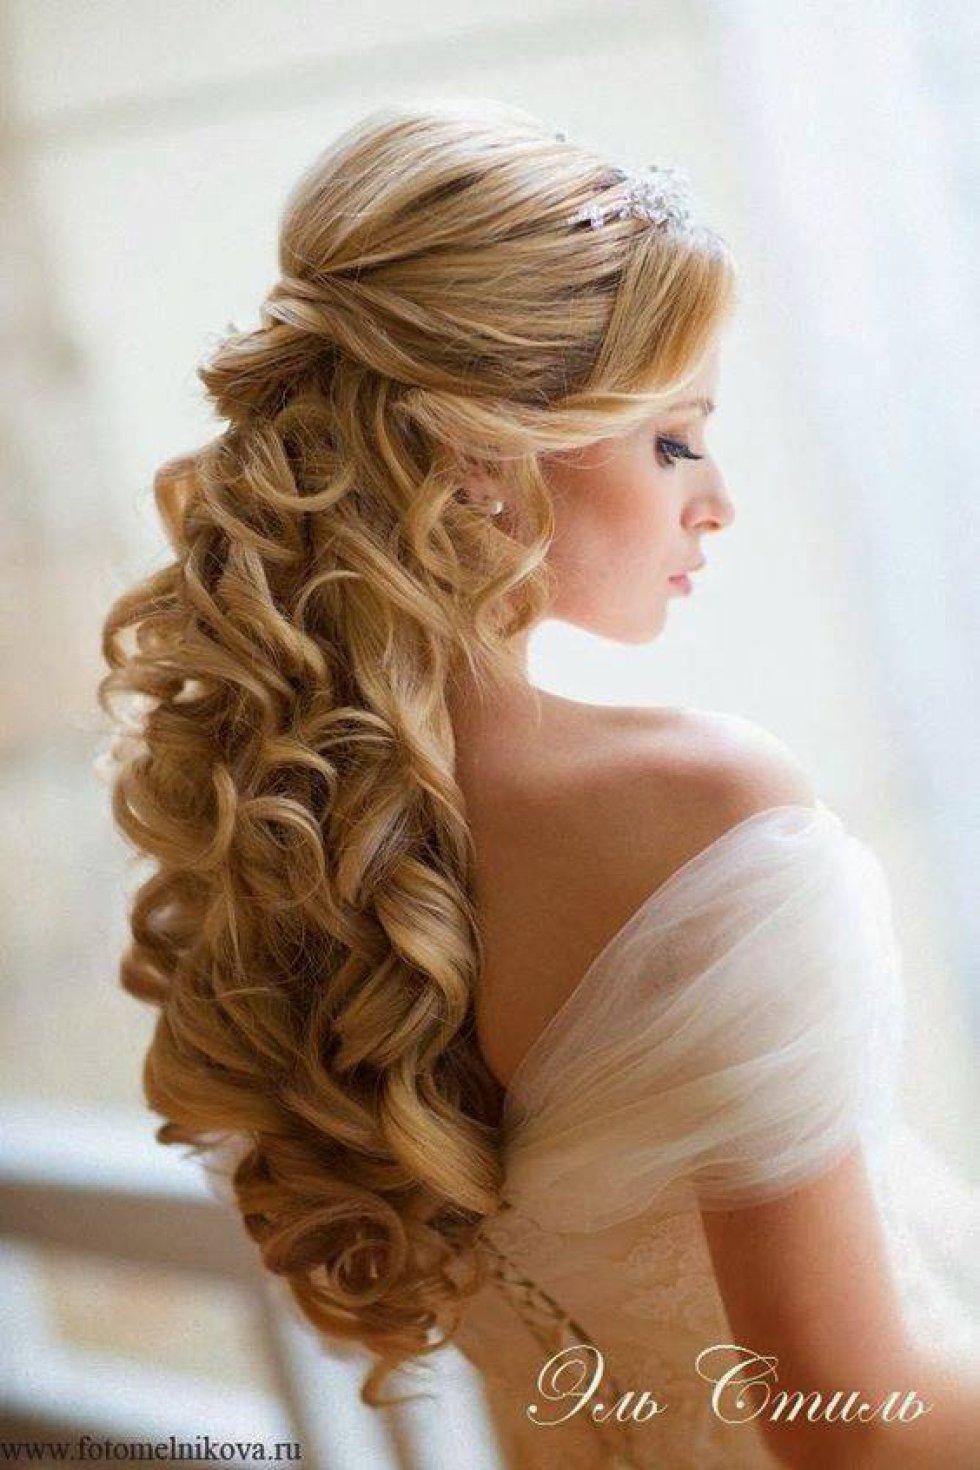 Estos tutoriales la podrán ayudar a hacer un peinado muy fácil, rápido y con un acabado profesional.